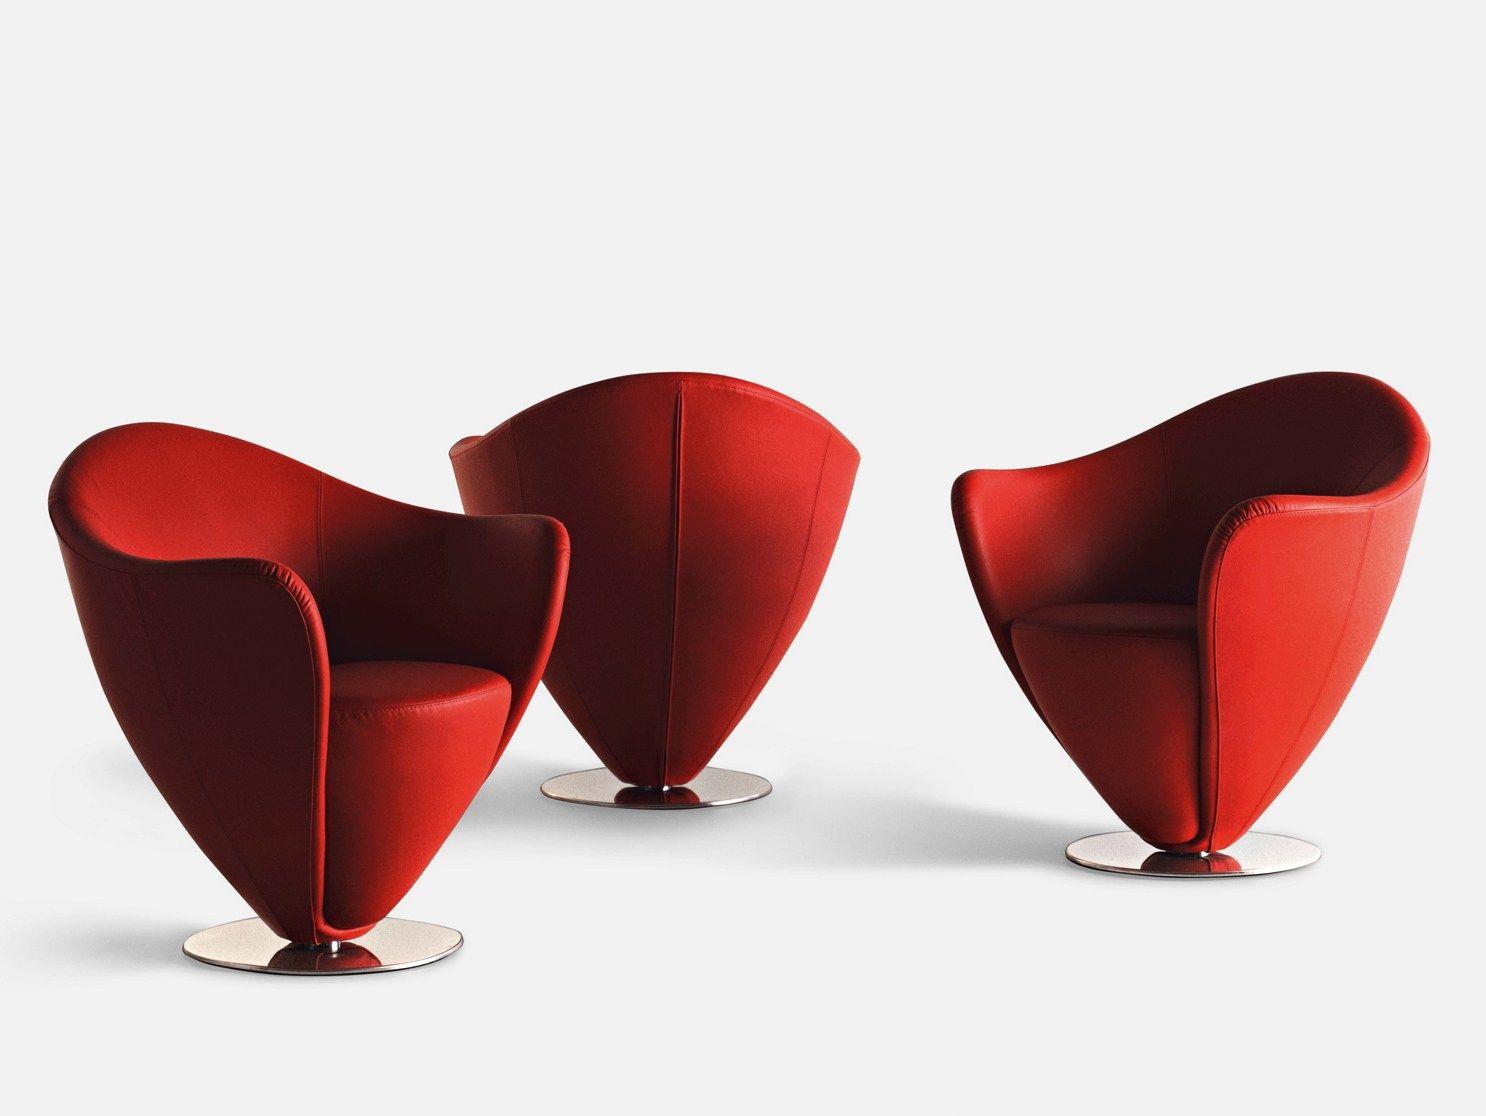 Fauteuil pivotant rembourr en cuir mon petit coeur by la cividina design pet - Petit fauteuil en cuir ...